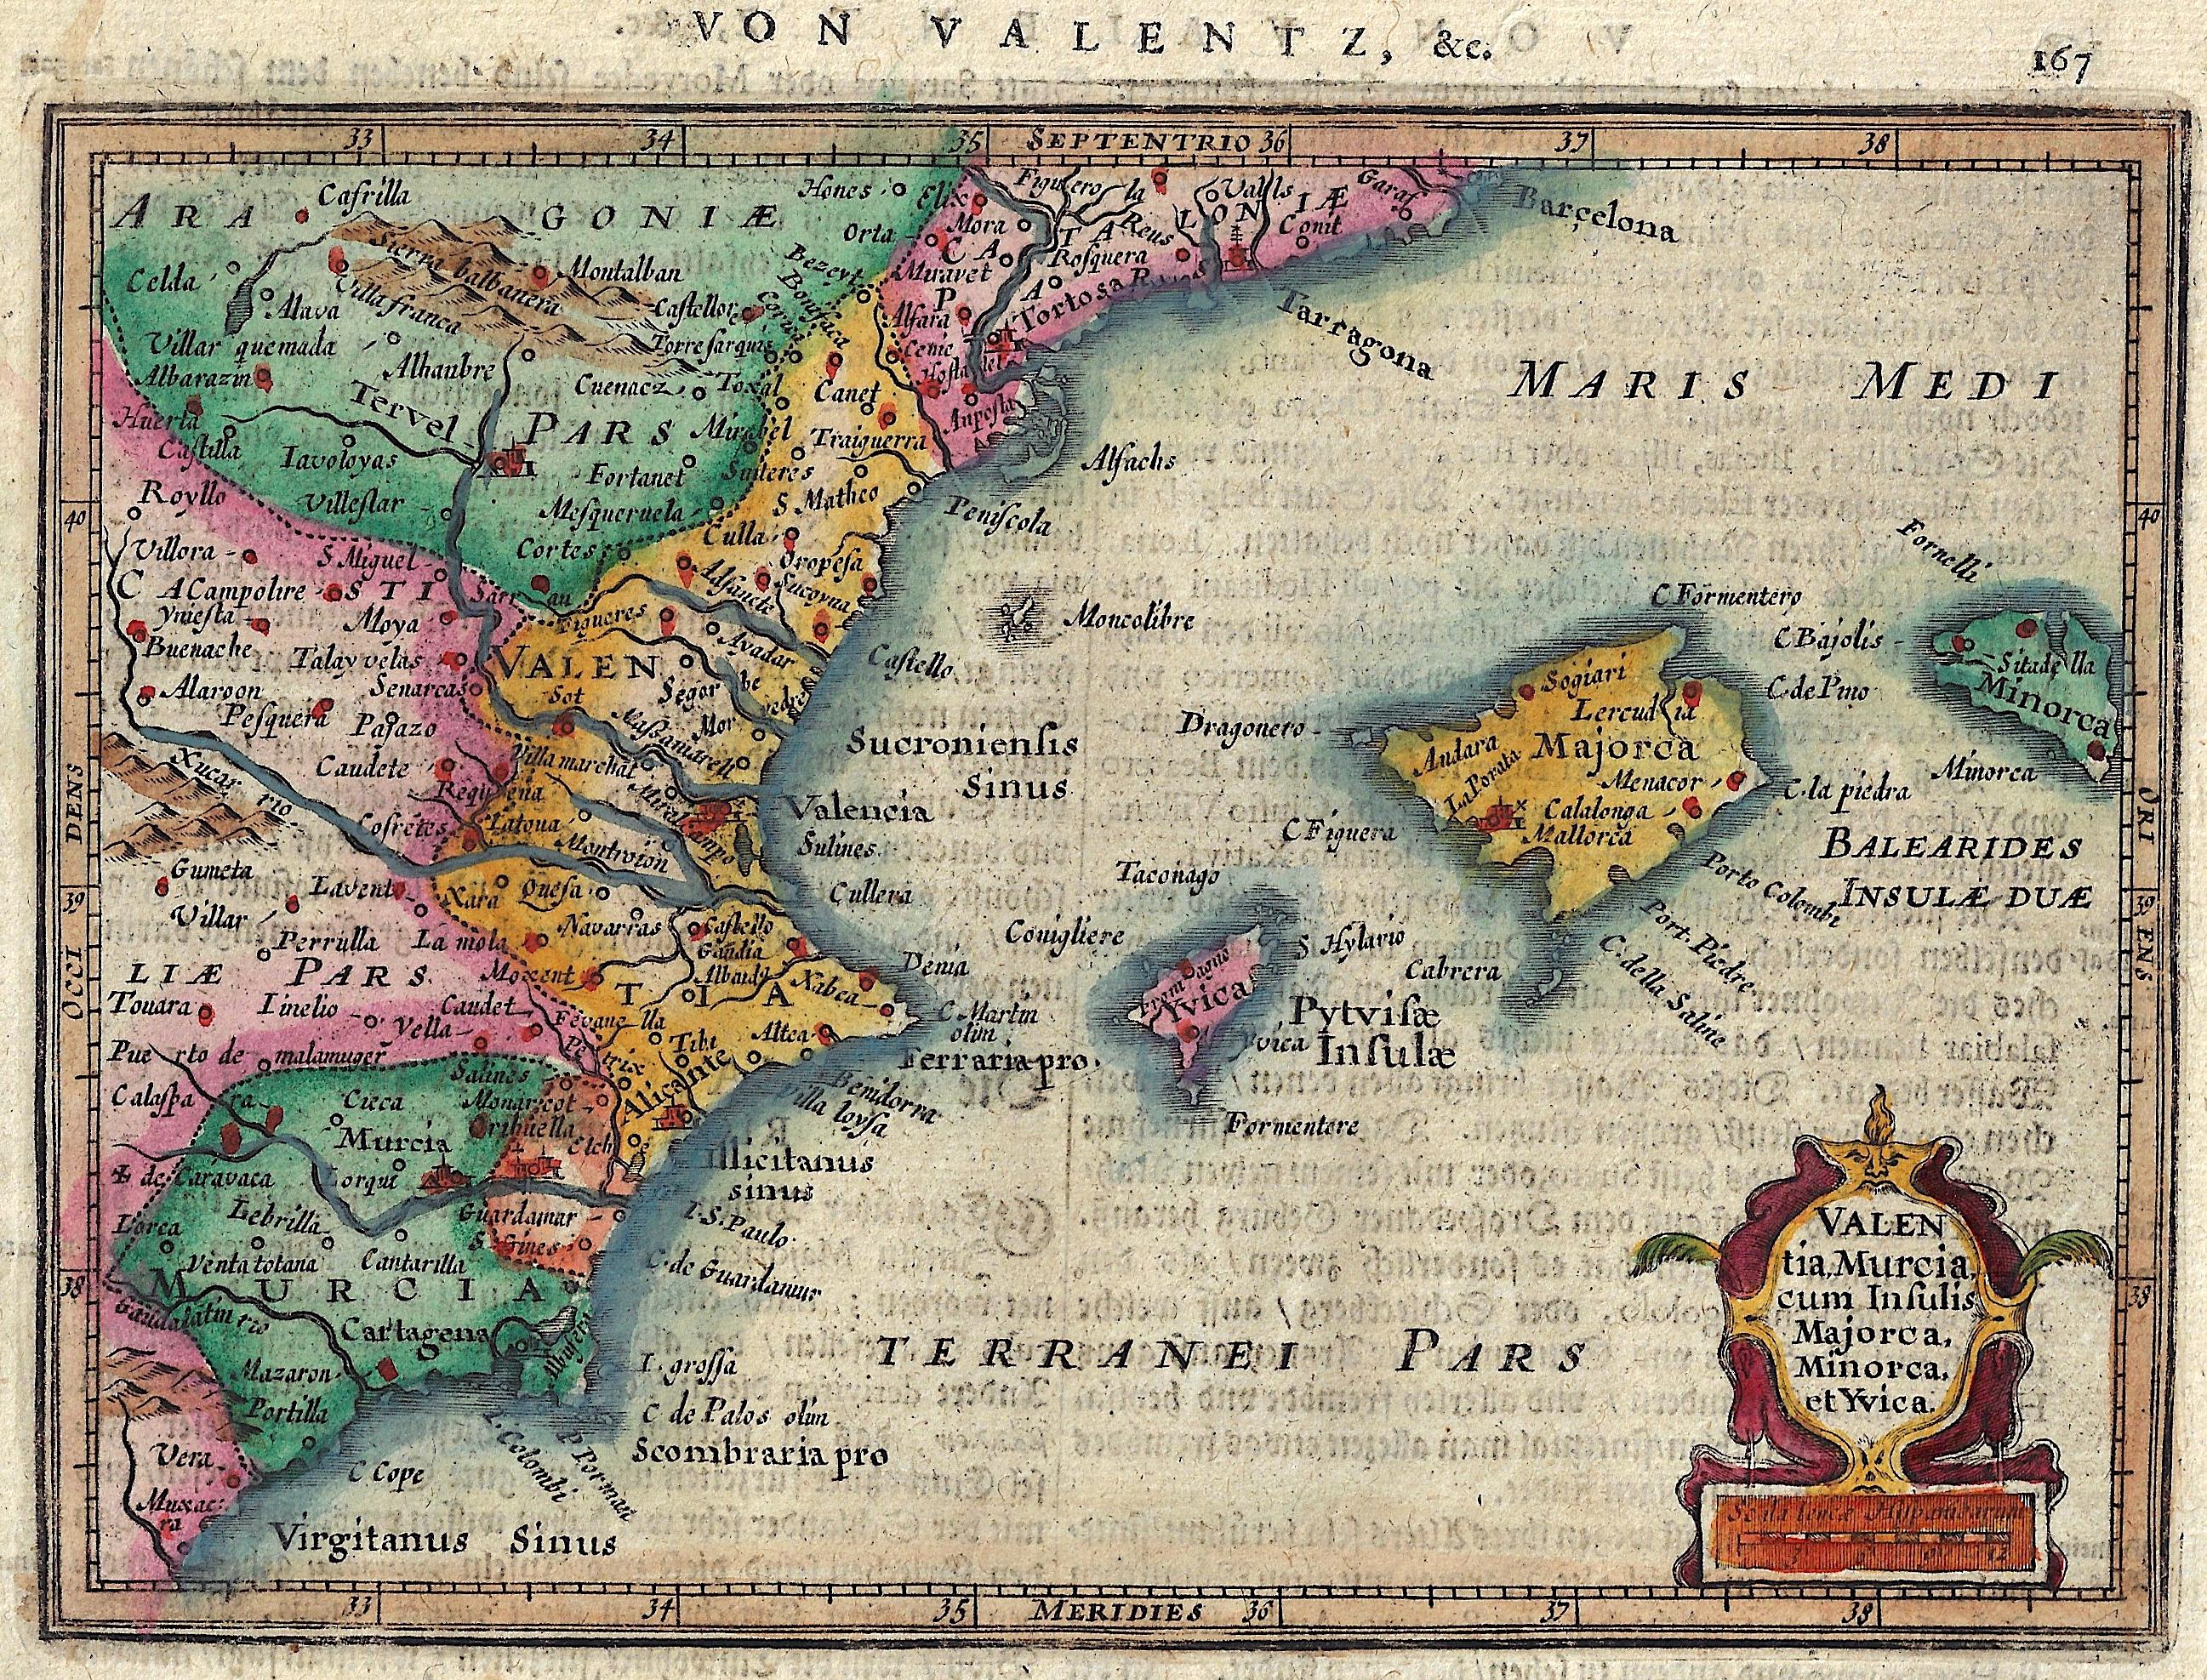 Mercator  Valentia, Murcia, cum Insulis Majorca, Minorca, et Yvica.